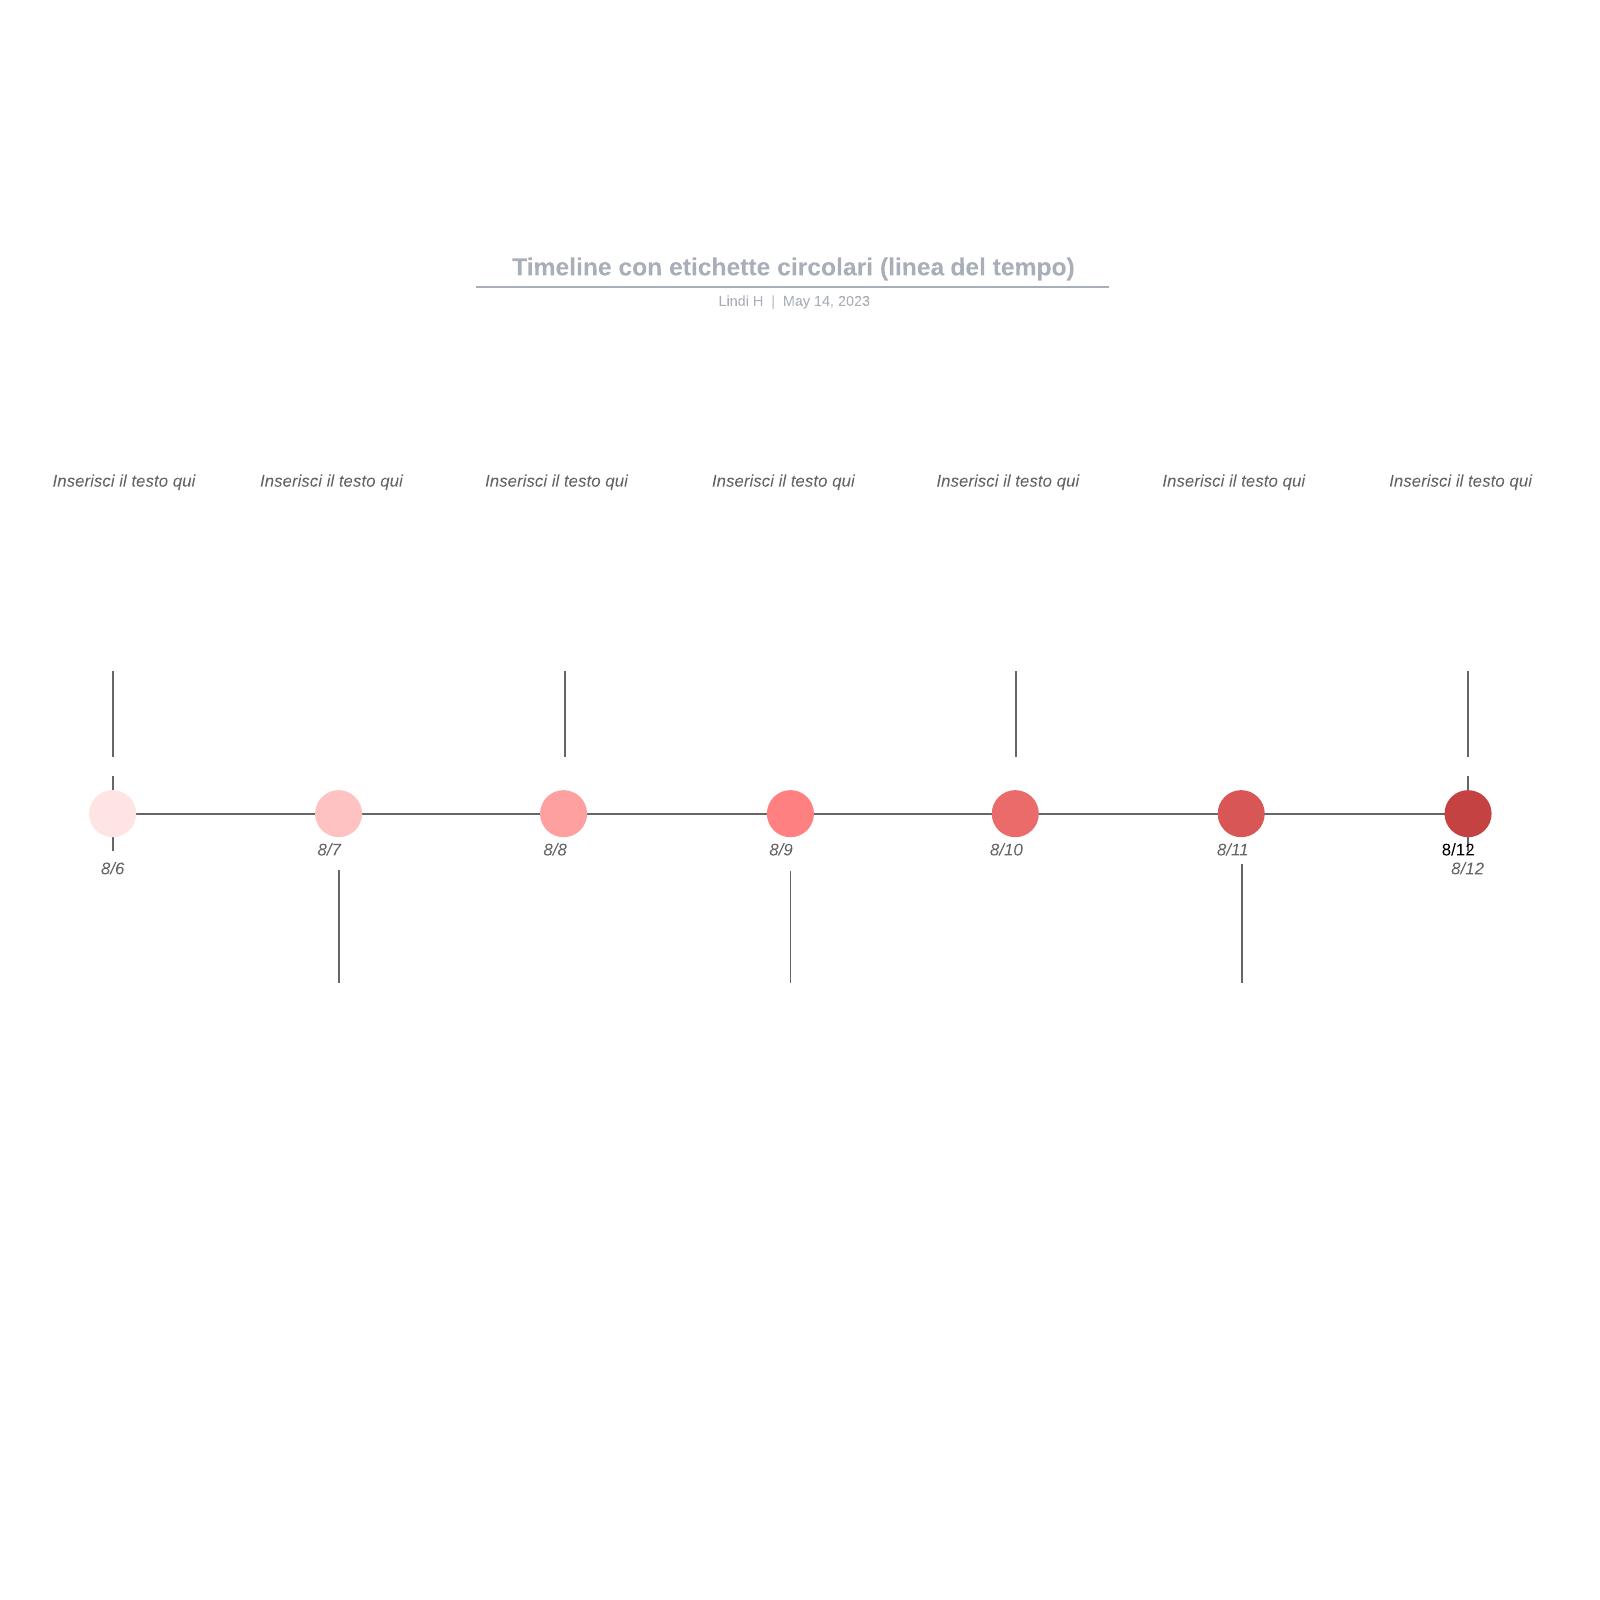 Timeline con etichette circolari (linea del tempo)